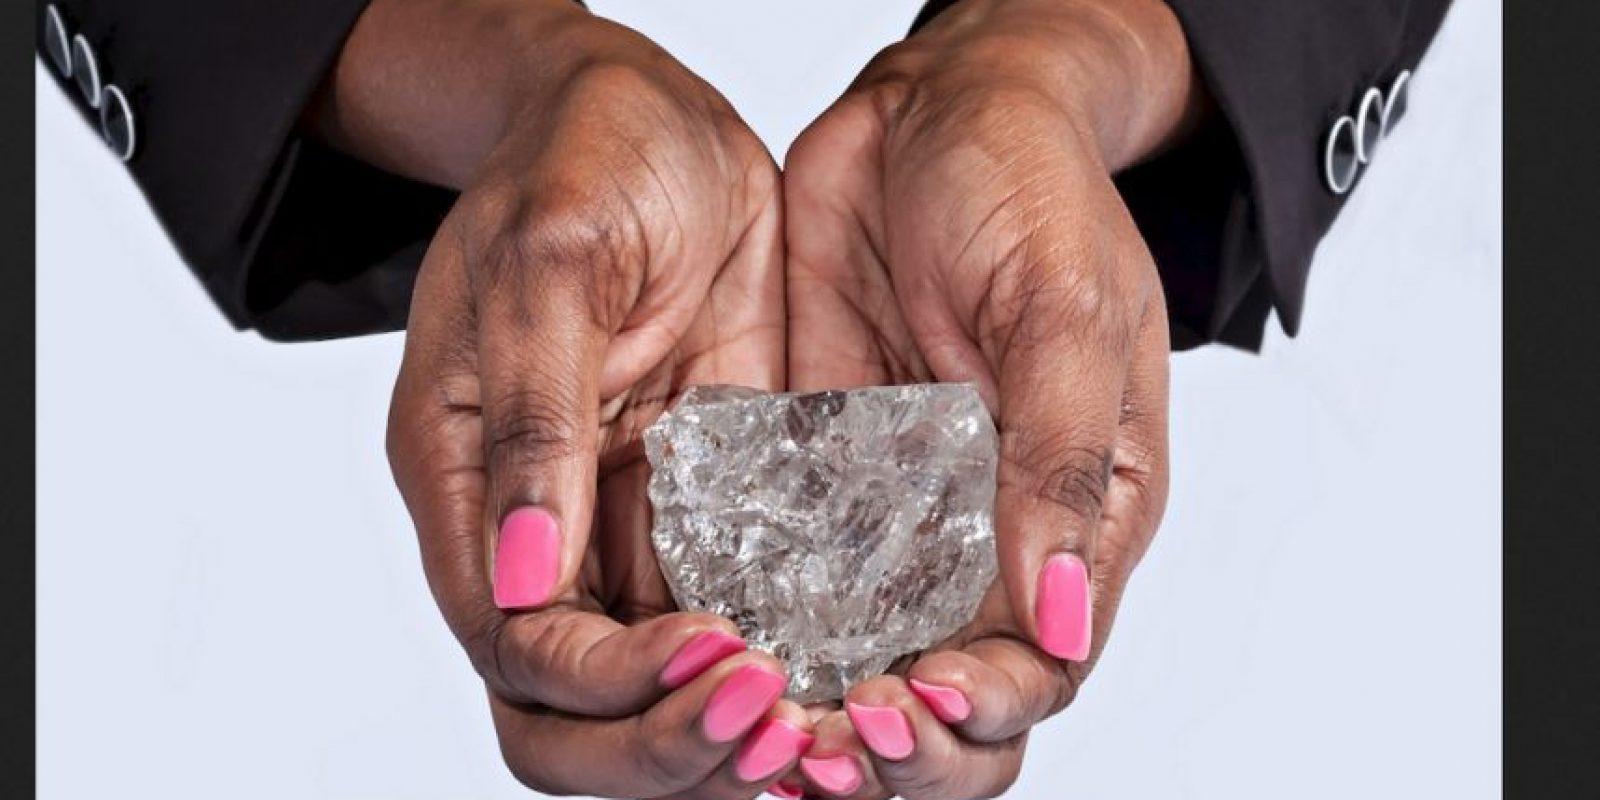 Así luce el diamante descubierto al sur de África. Foto:Vía lucaradiamond.com